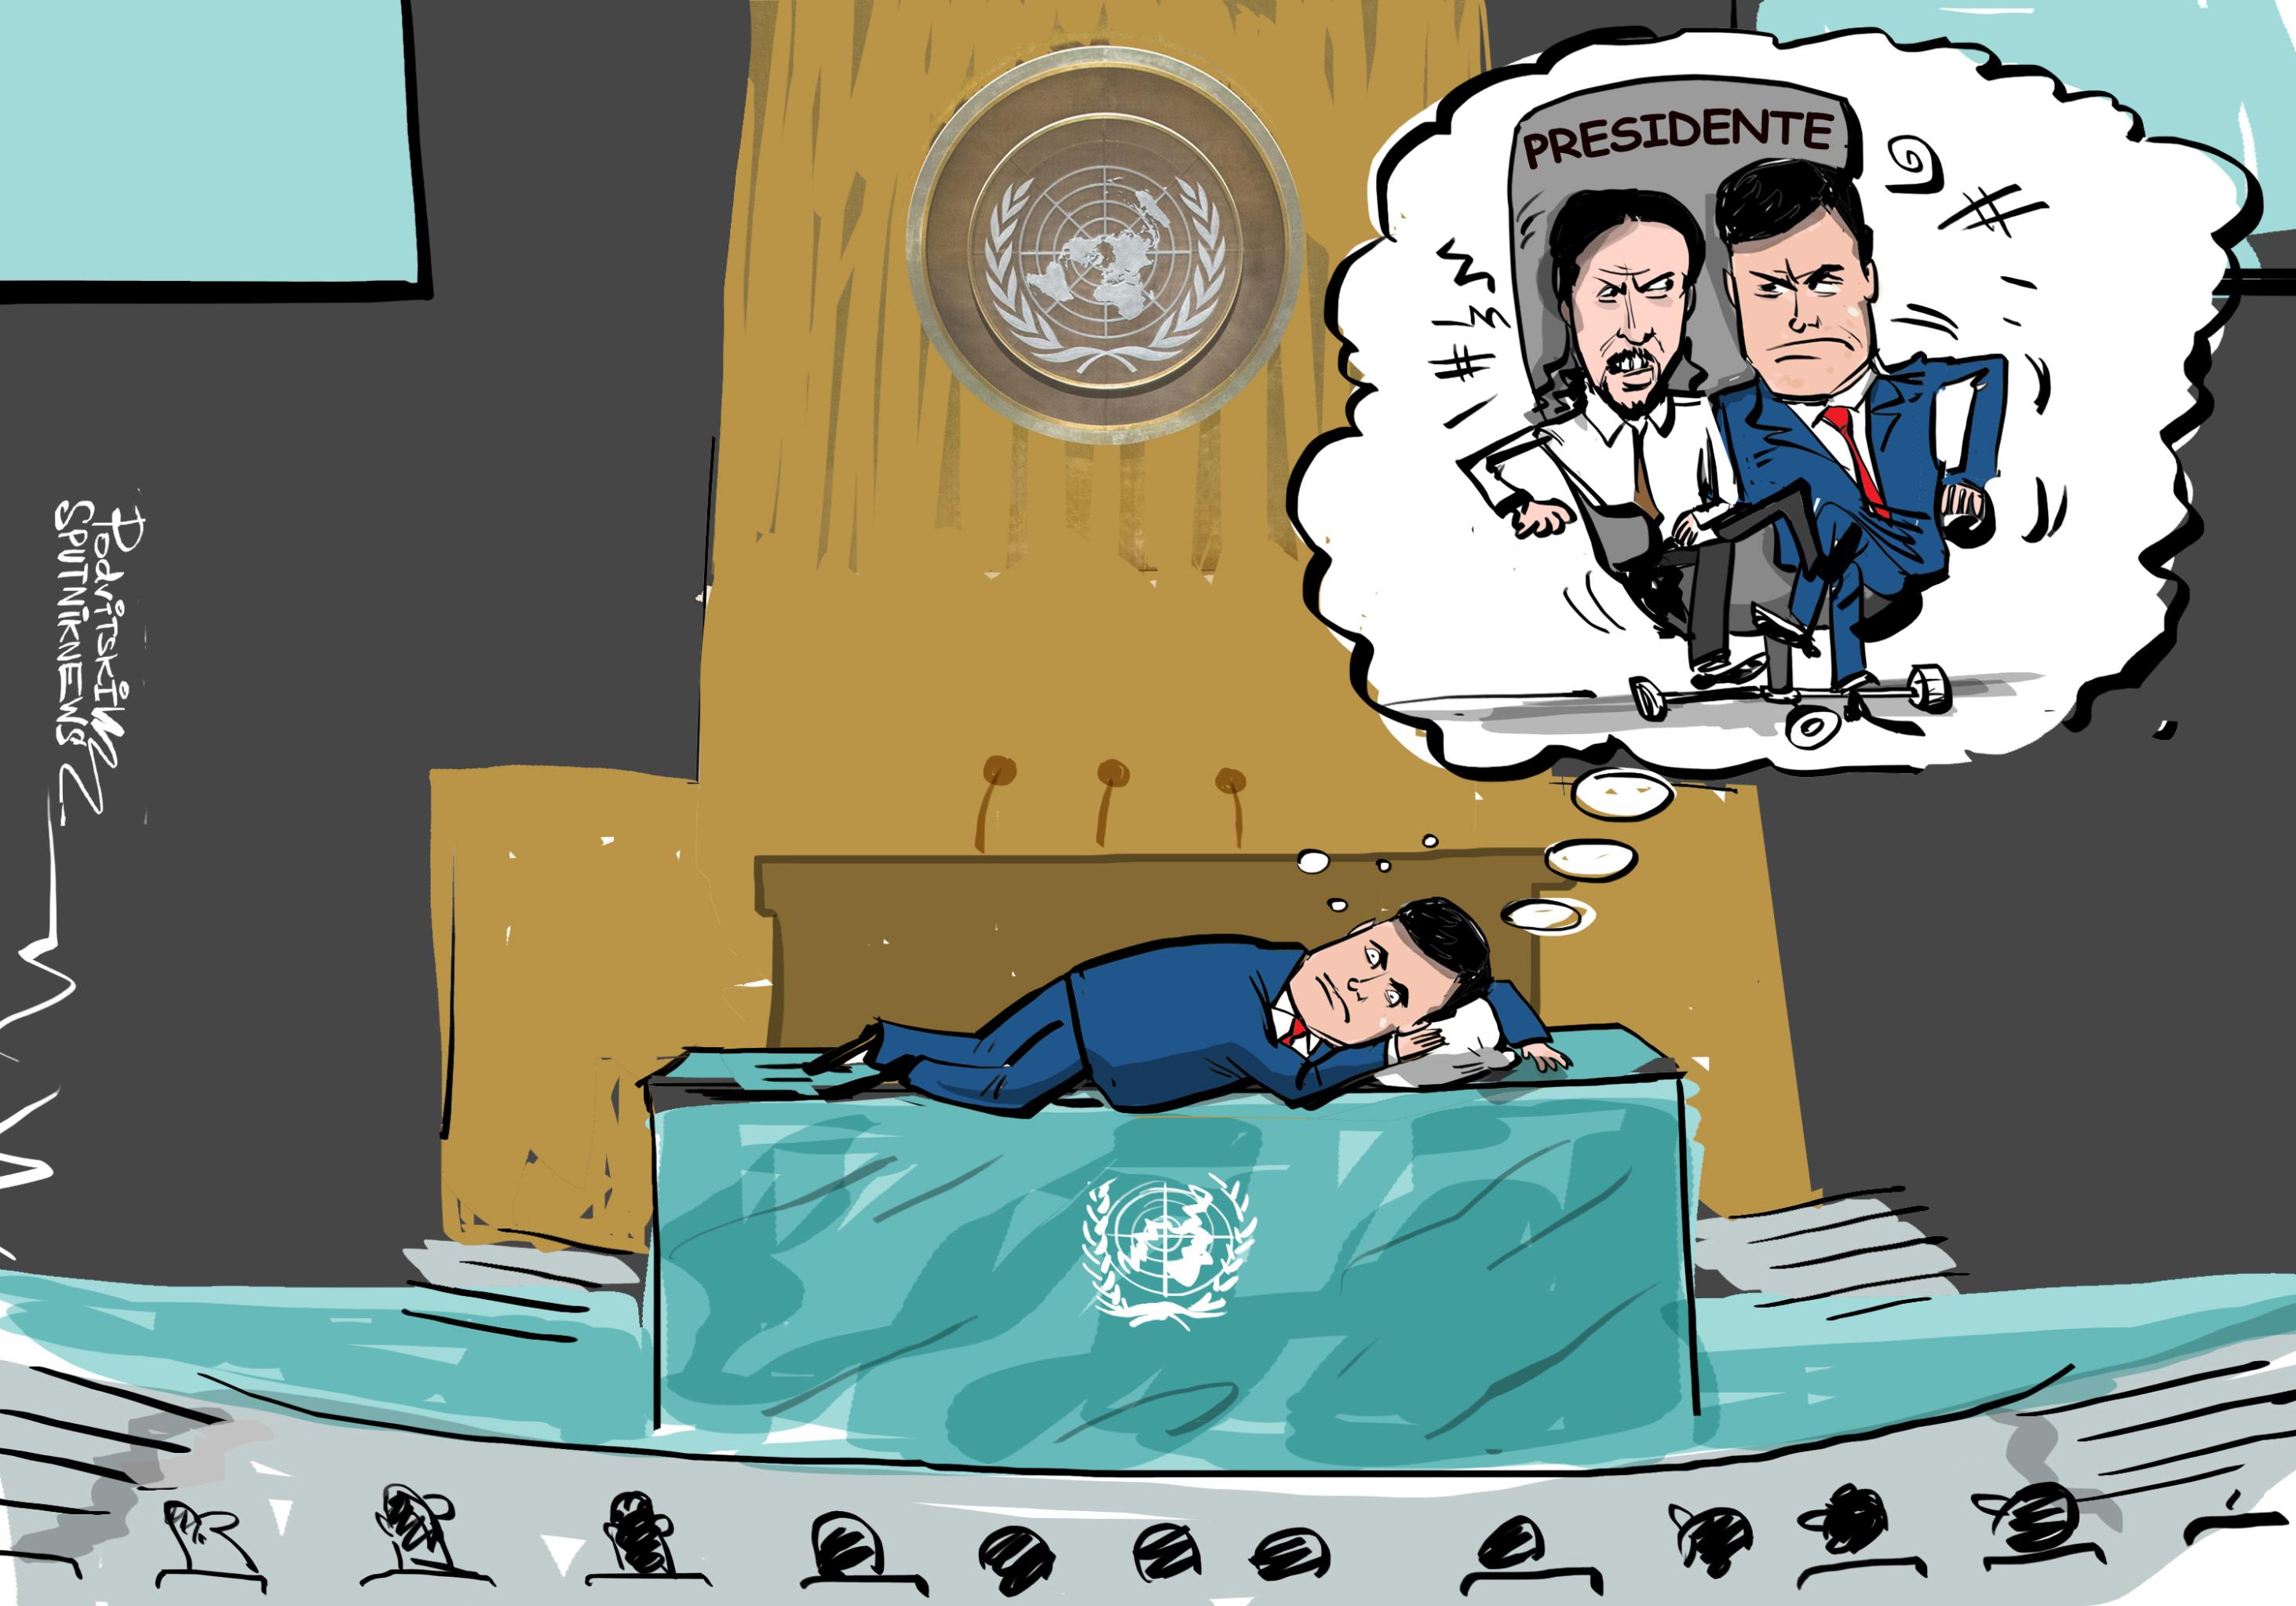 Sánchez afirma que no dormiría por la noche si Podemos estuviese en el Gobierno